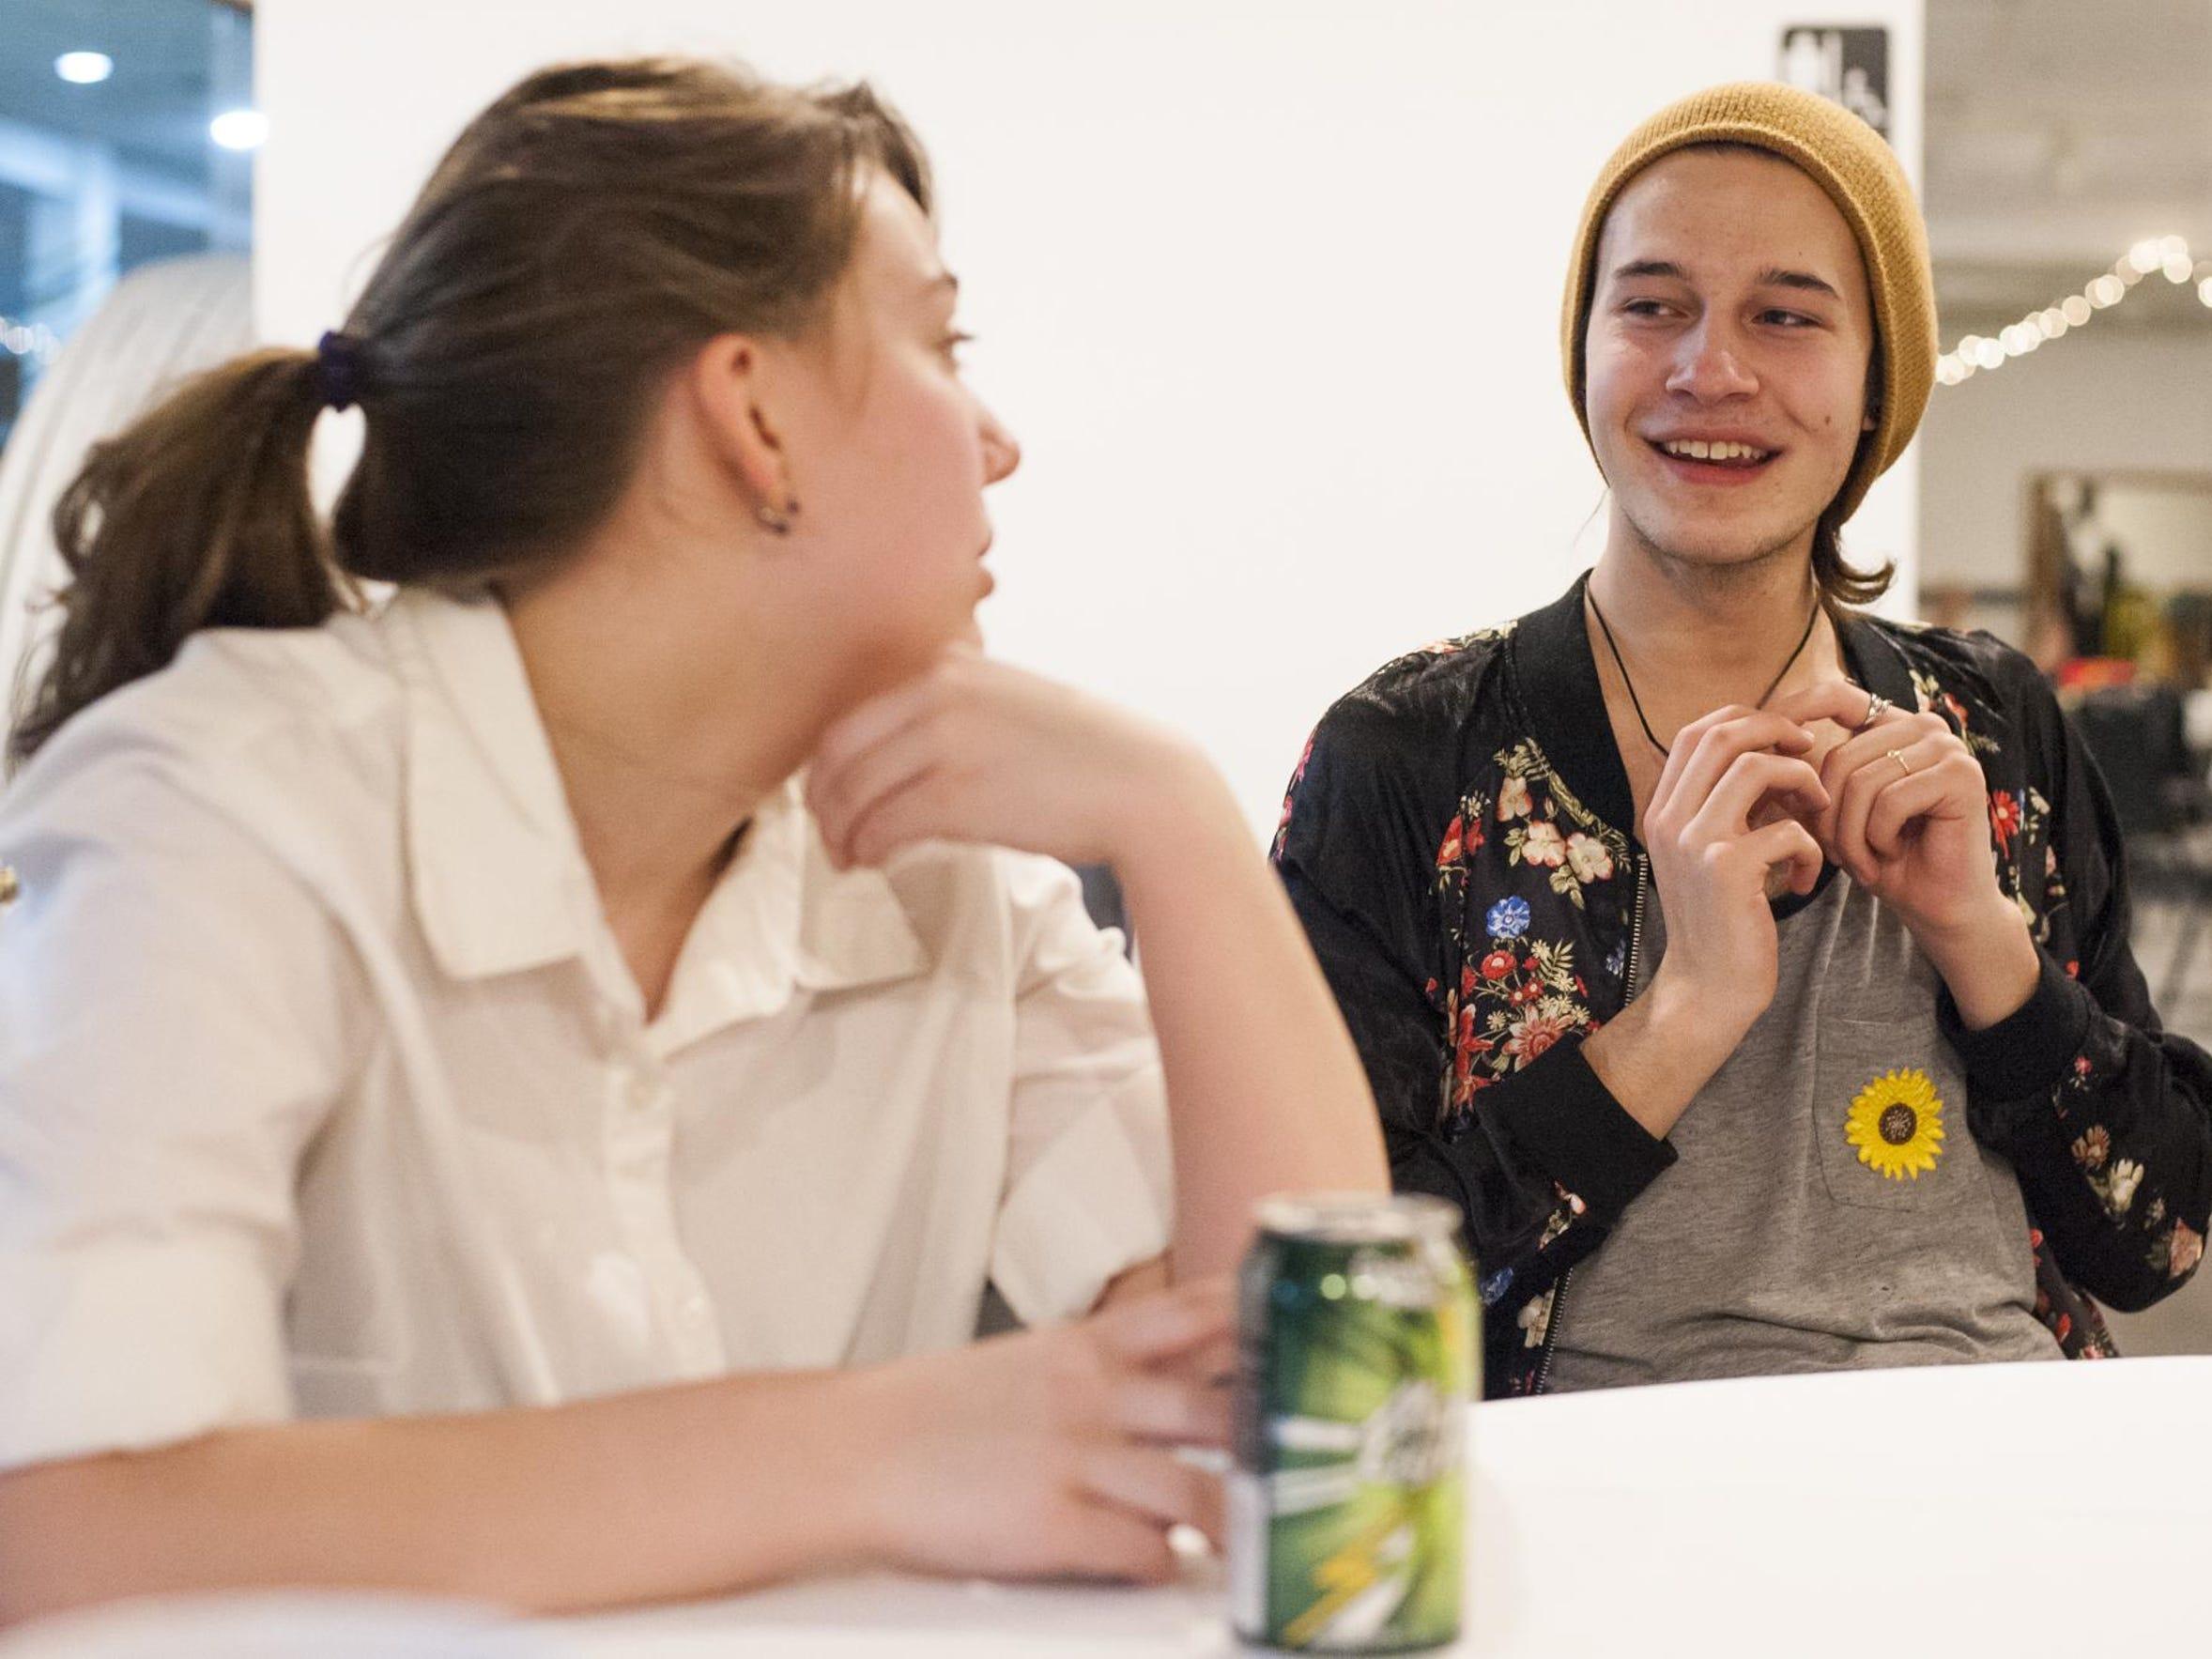 Echo Sundstrom laughs with Miranda MacKenzie at Future